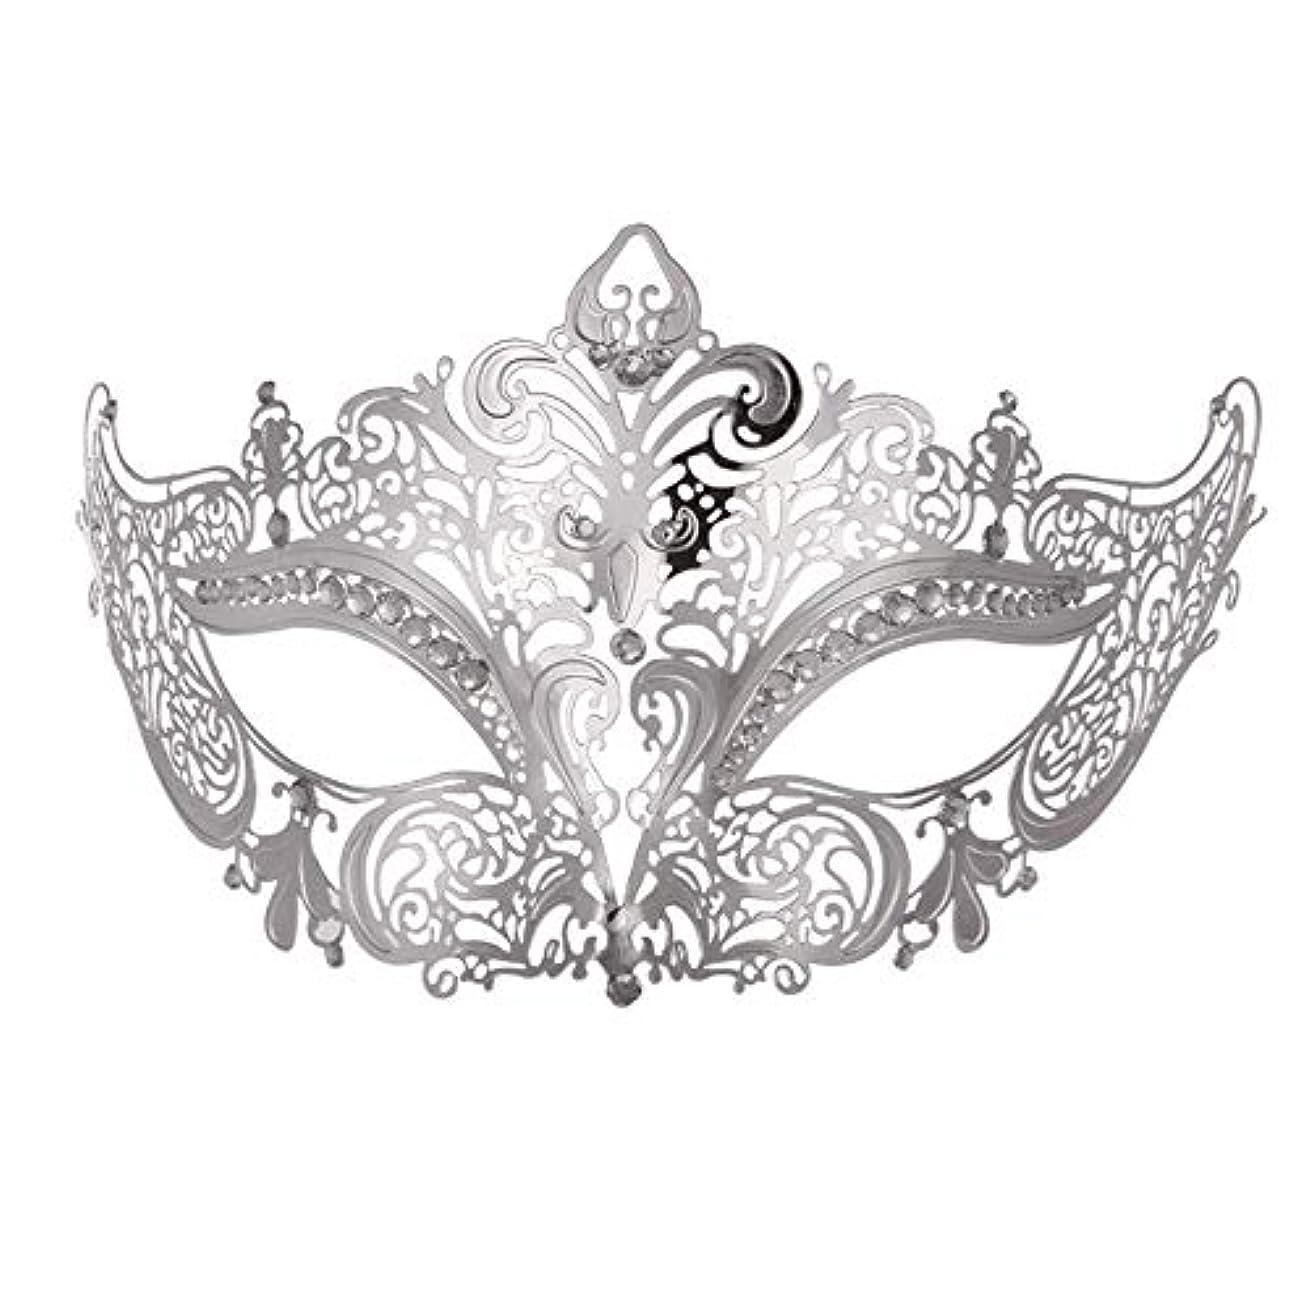 しつけマティス盆地ダンスマスク 高級金メッキ銀マスク仮装小道具ロールプレイングナイトクラブパーティーマスク ホリデーパーティー用品 (色 : 銀, サイズ : Universal)